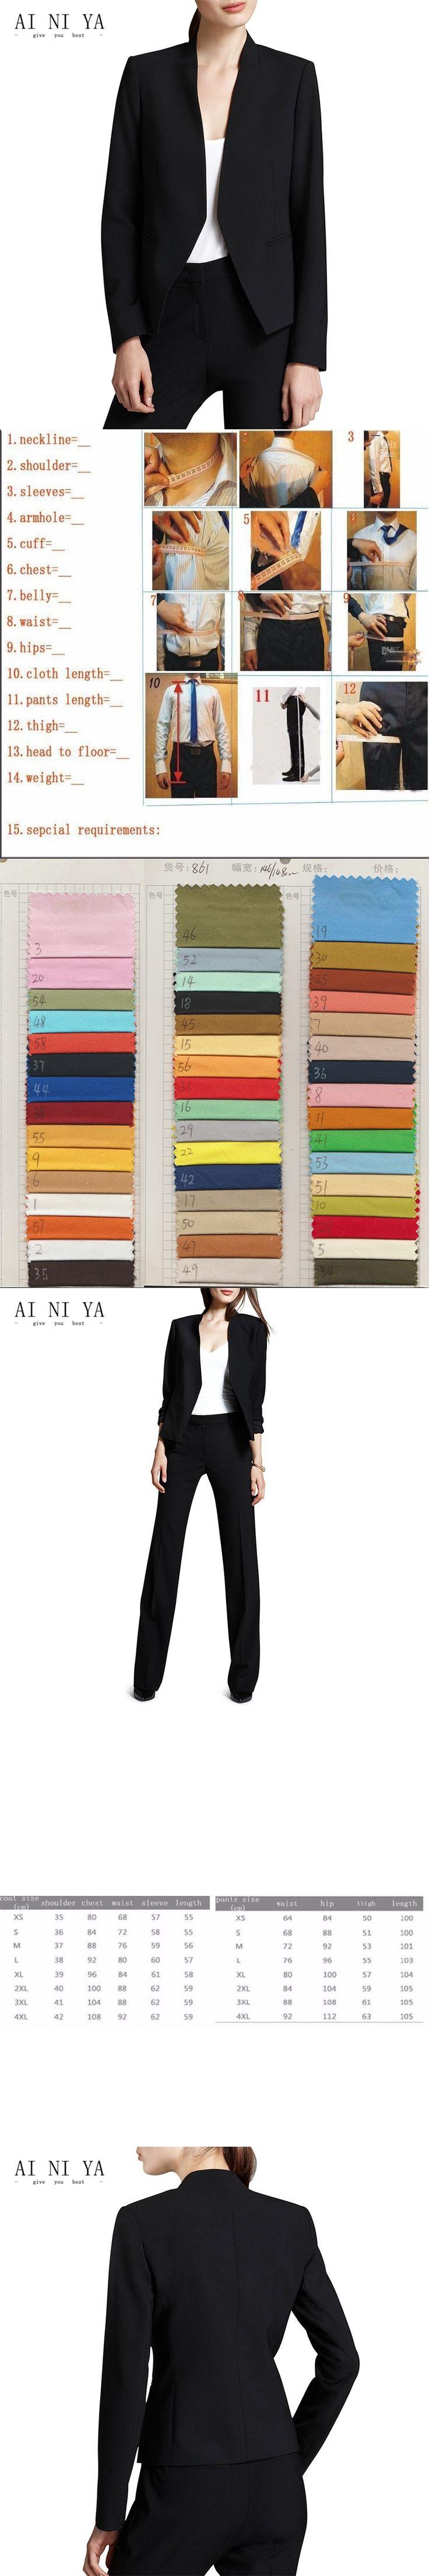 Jacket+Pants Black Pant Suits For Women Autumn None Slim Female Business Office Uniform 2 Pieces Suit Ladies Straight Trousers